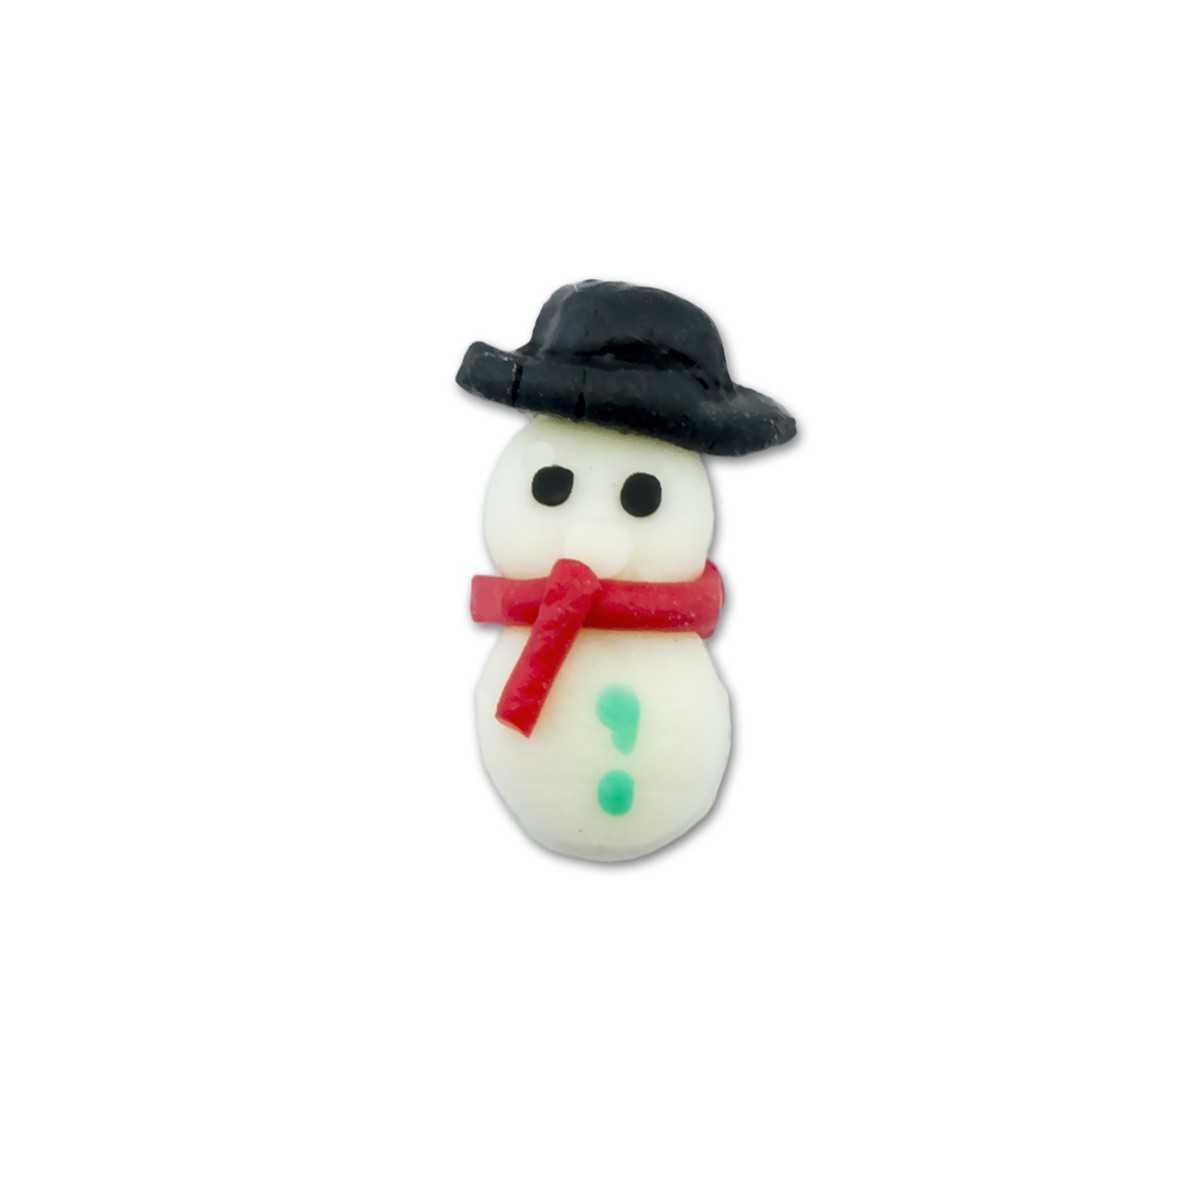 https://www.kit-manucure.com/1507-thickbox_default/bijoux-pour-ongles-bonhomme-de-neige.jpg